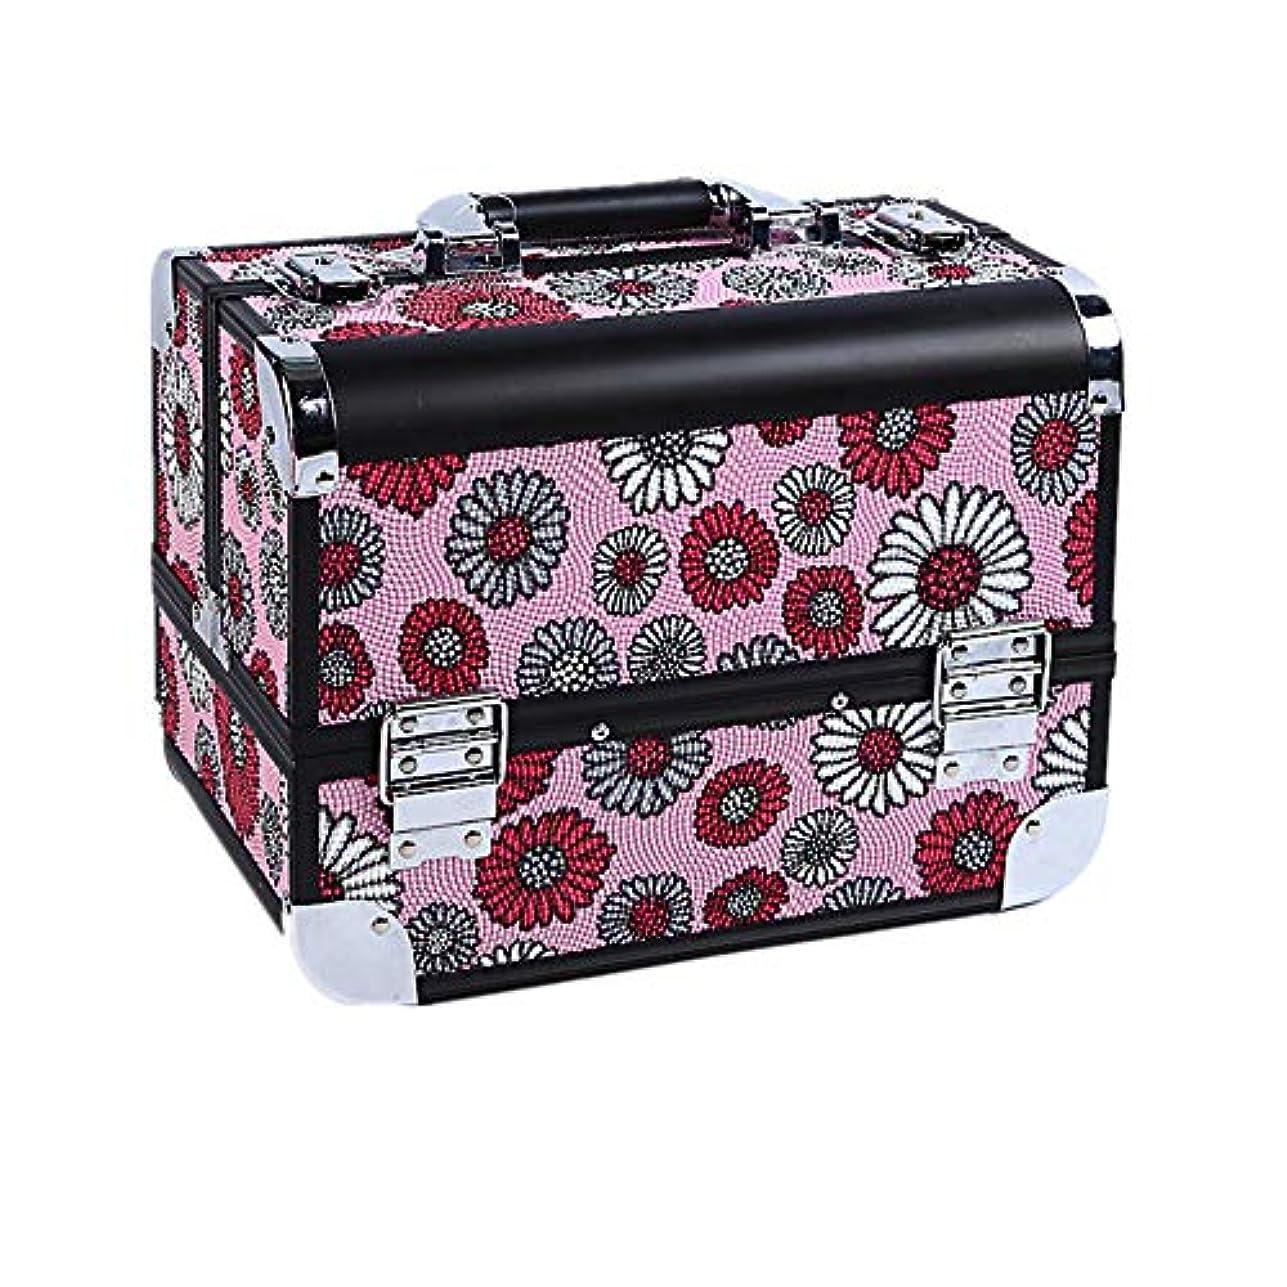 地元ルーフ敬な化粧オーガナイザーバッグ 大容量ポータブルアルミ合金旅行化粧品美容メイクアップ化粧ケースひまわりのパターンと折り畳みトレイ 化粧品ケース